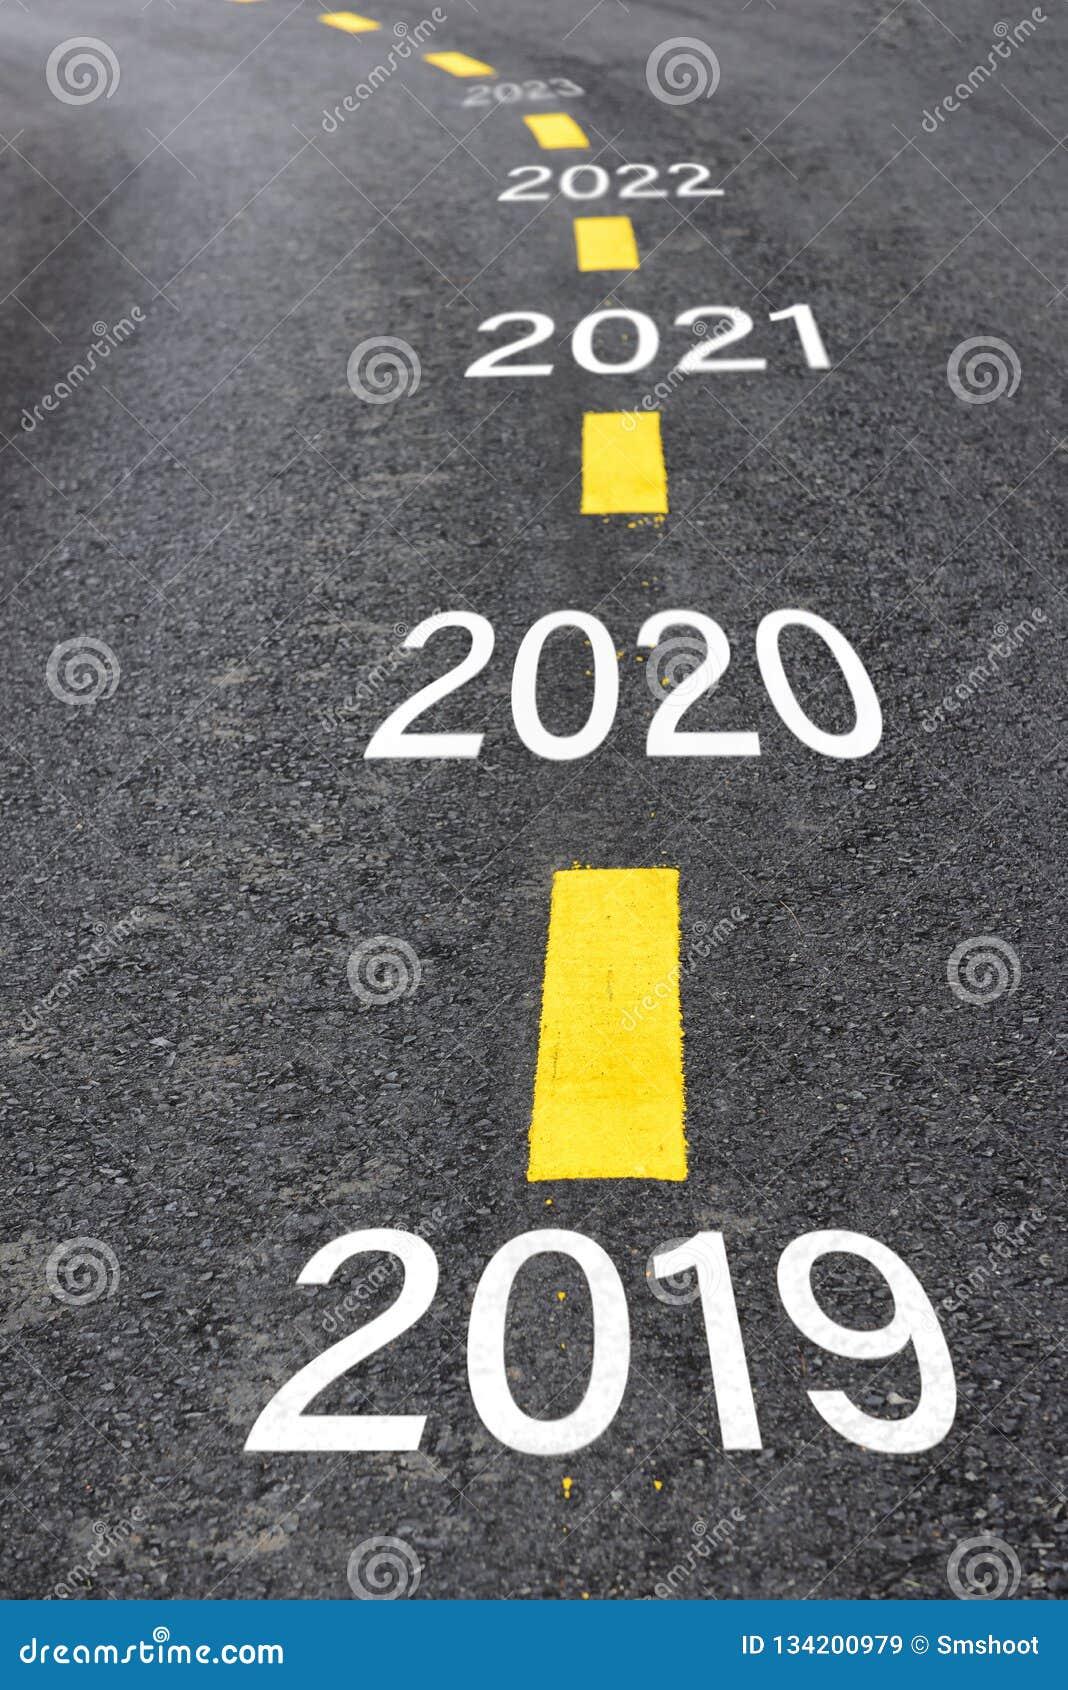 2019年到2023年的数字柏油路表面上